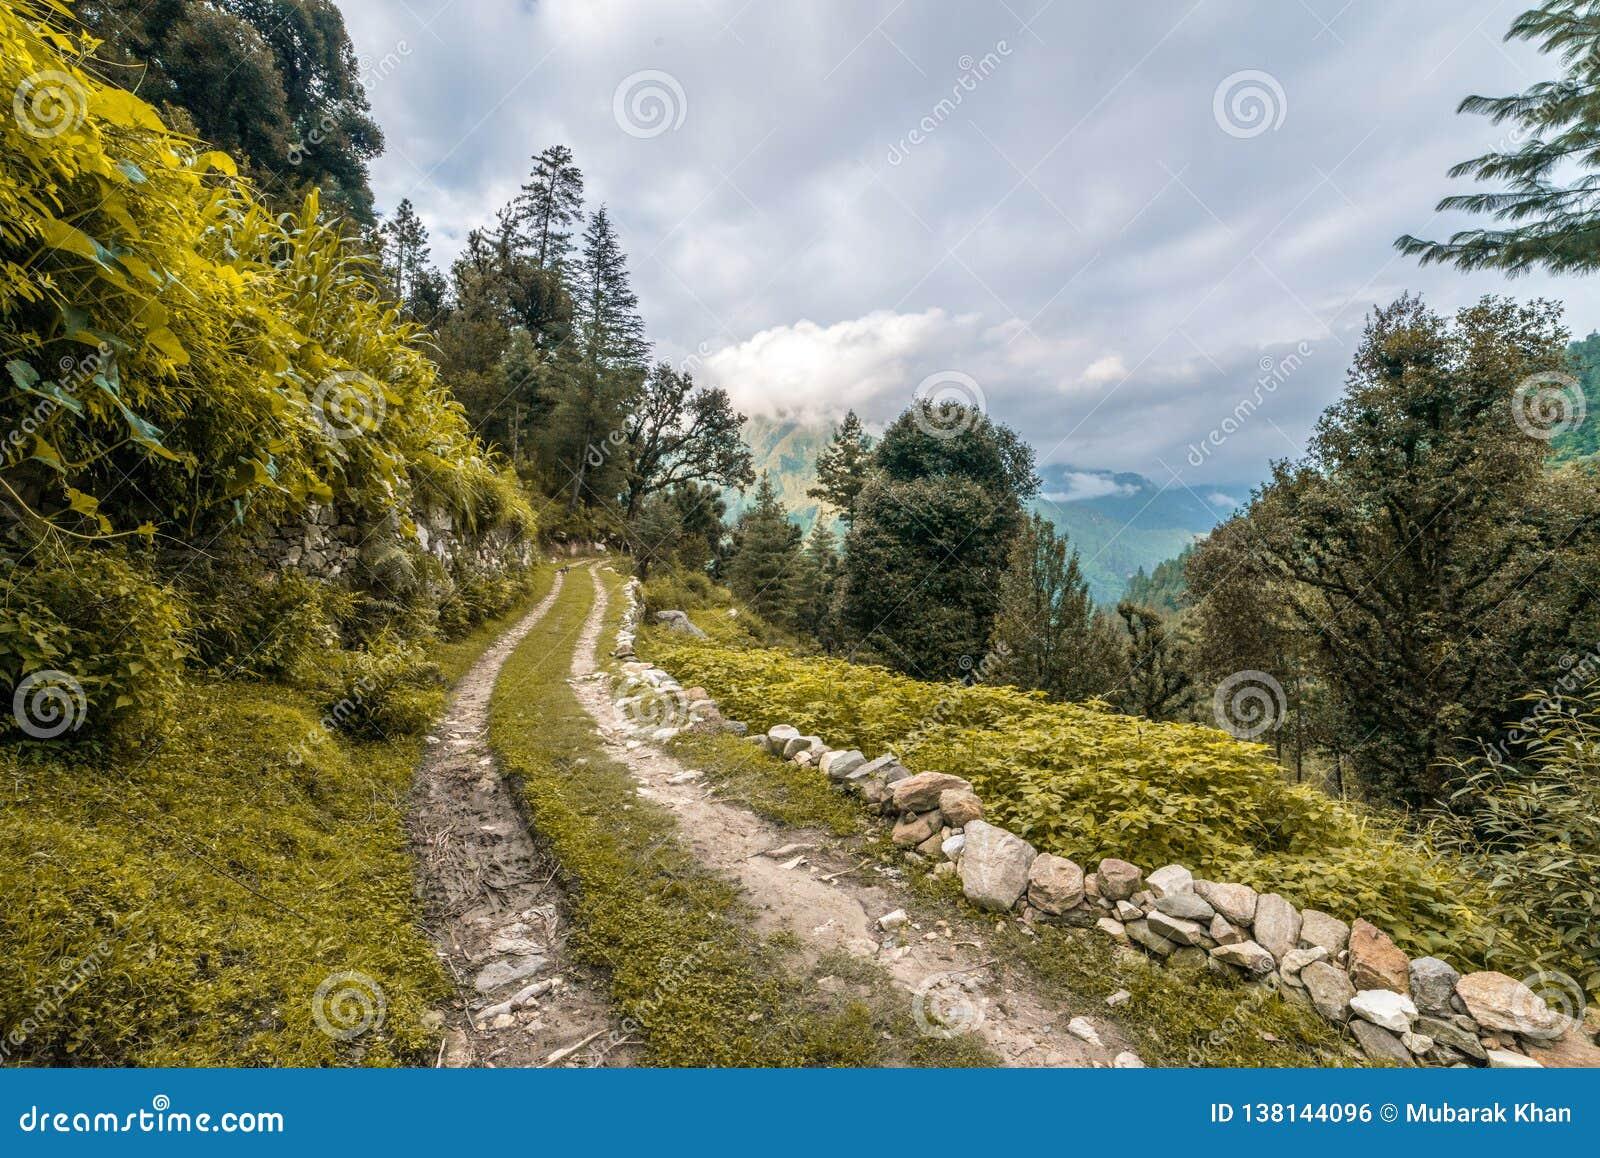 Een grondweg met gras, een kreupelbosje met bomen zonder bladeren en wolken op een blauwe hemel wordt behandeld die